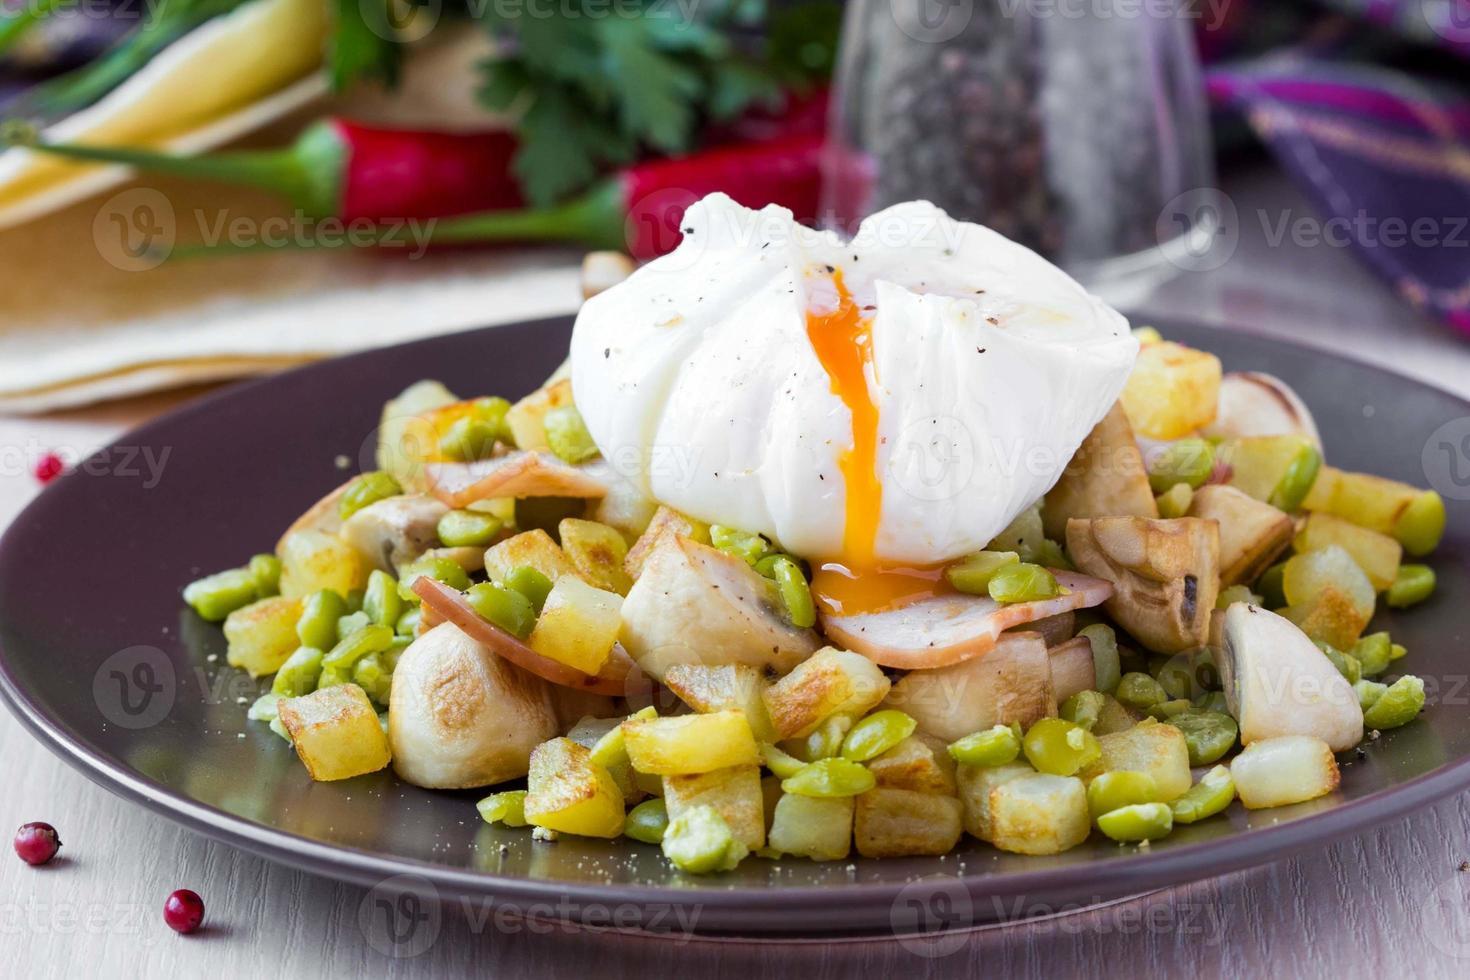 salada quente com batata, presunto, ervilha, cogumelos, ovo escalfado foto